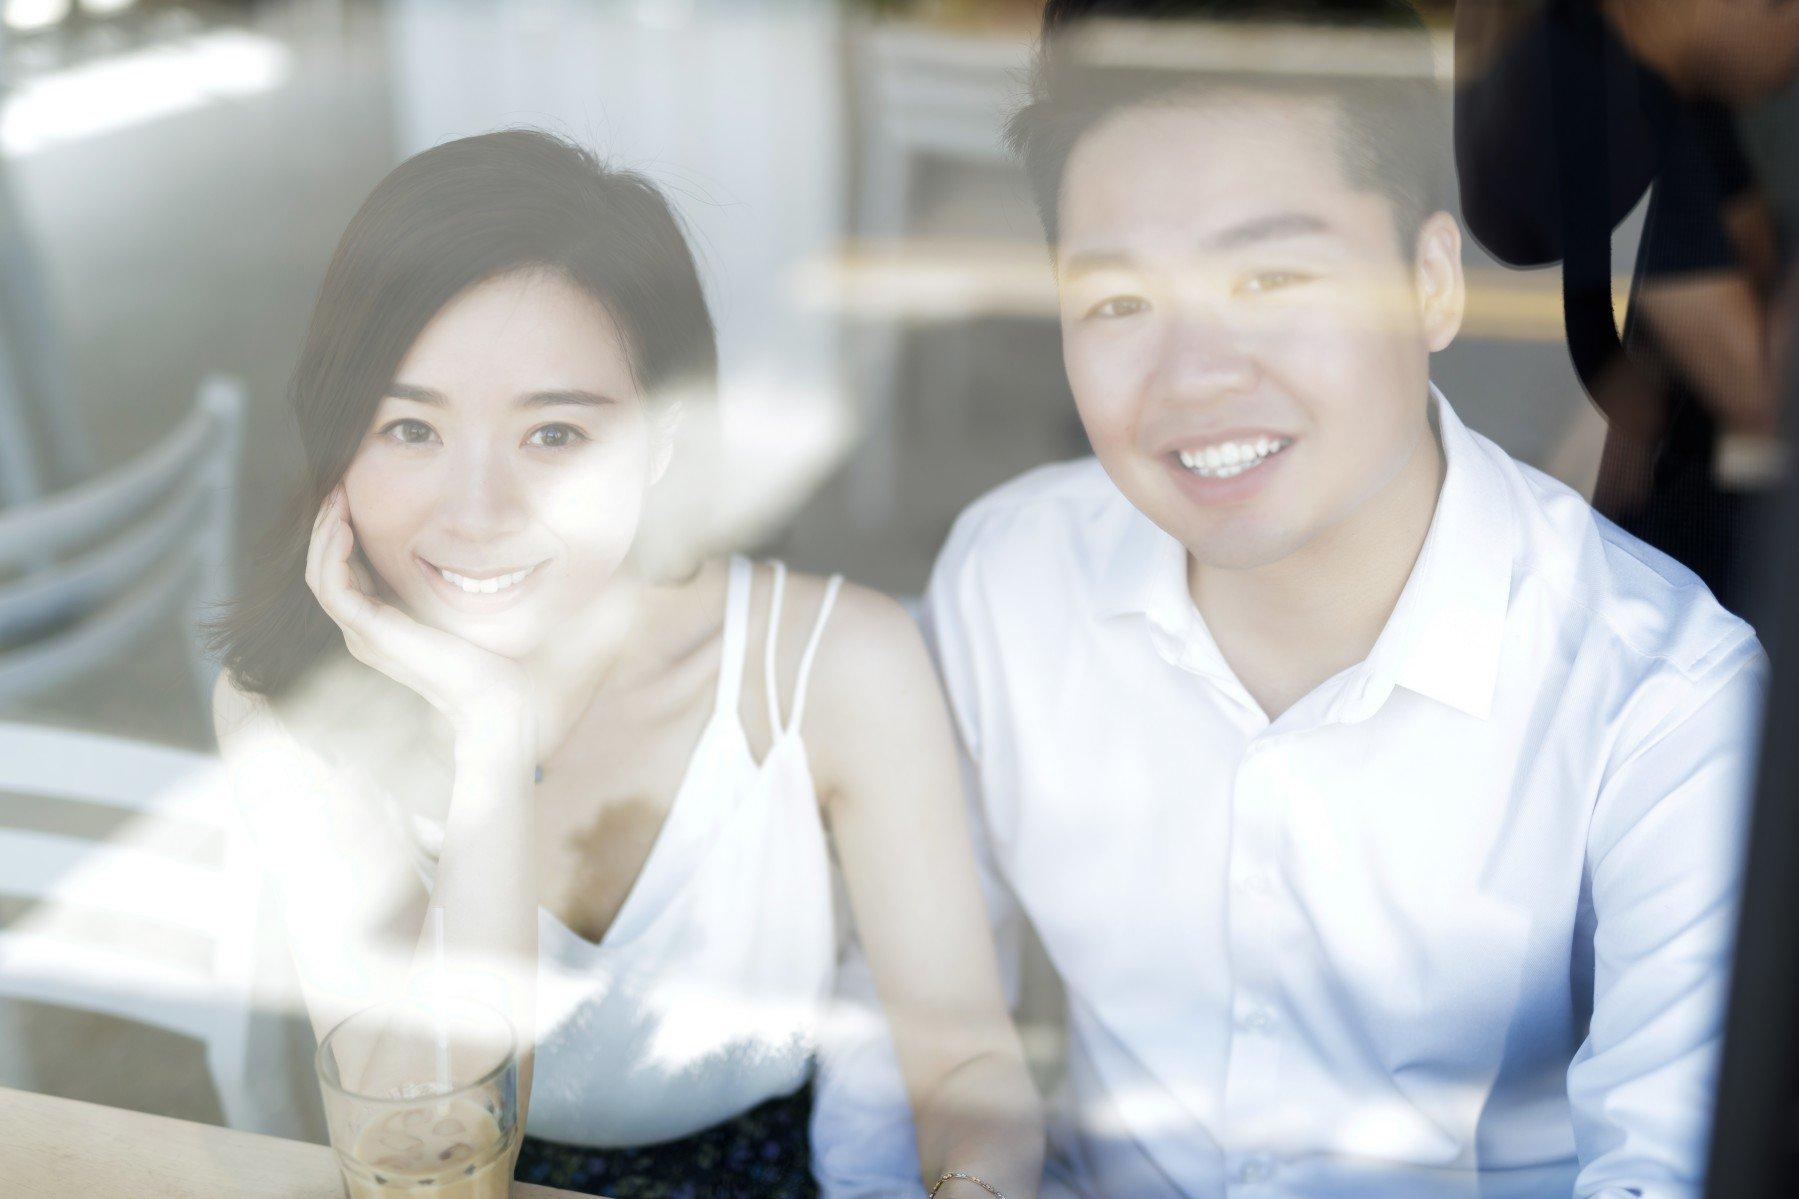 [小清新生活感婚紗]Levi&Crystal@高雄婚紗工作室-婚攝森森|自助婚紗 - 生活感婚紗